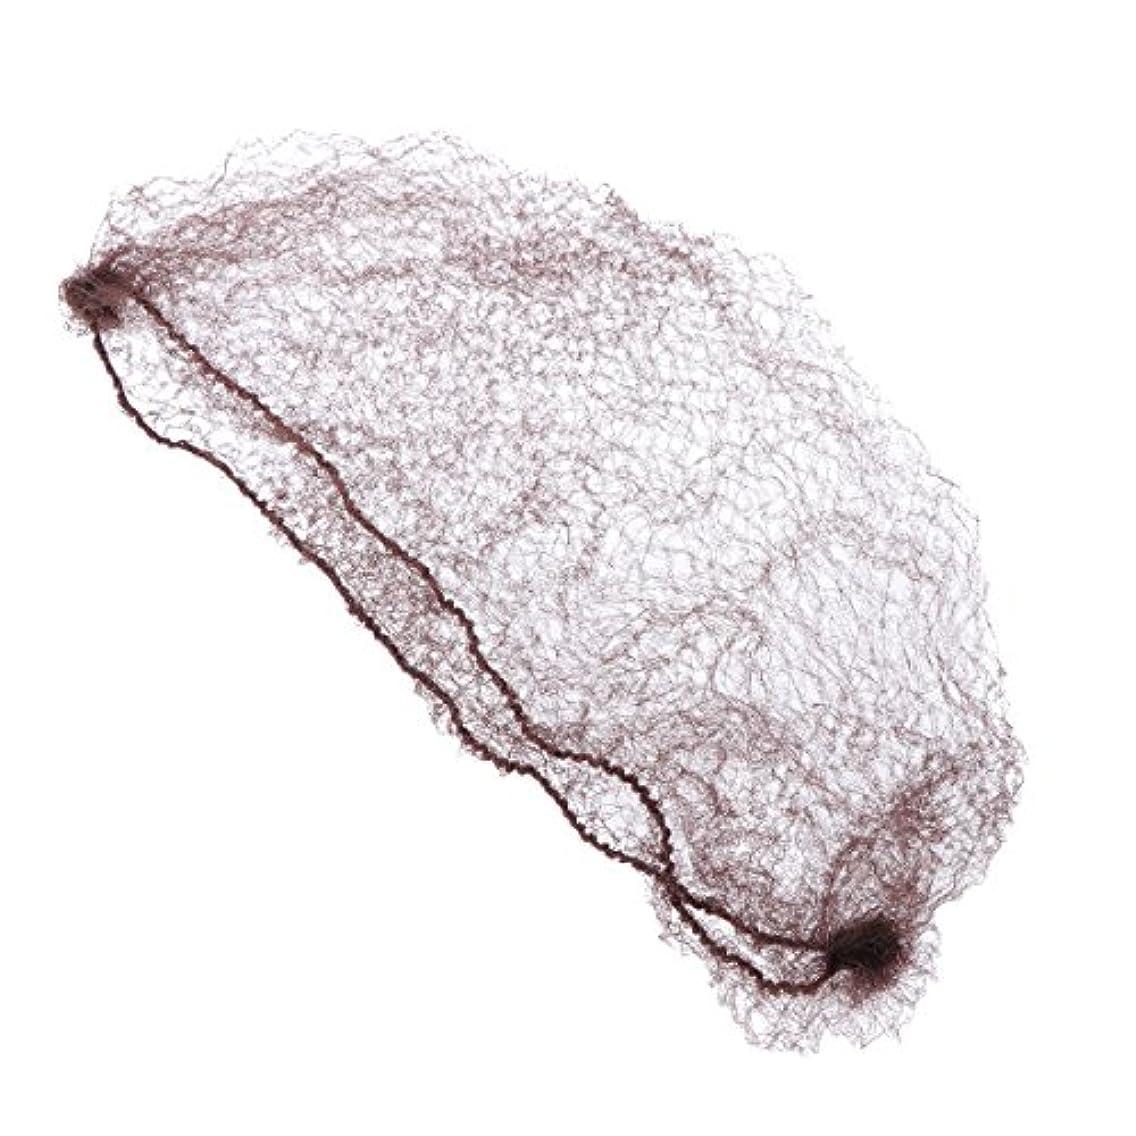 余分な単調な病弱Frcolor ヘアネット 髪束ねネット 目に見えない 弾性 団子ドレスアップ アクセサリー 再利用可能 50本 (コーヒー/ 50cm)